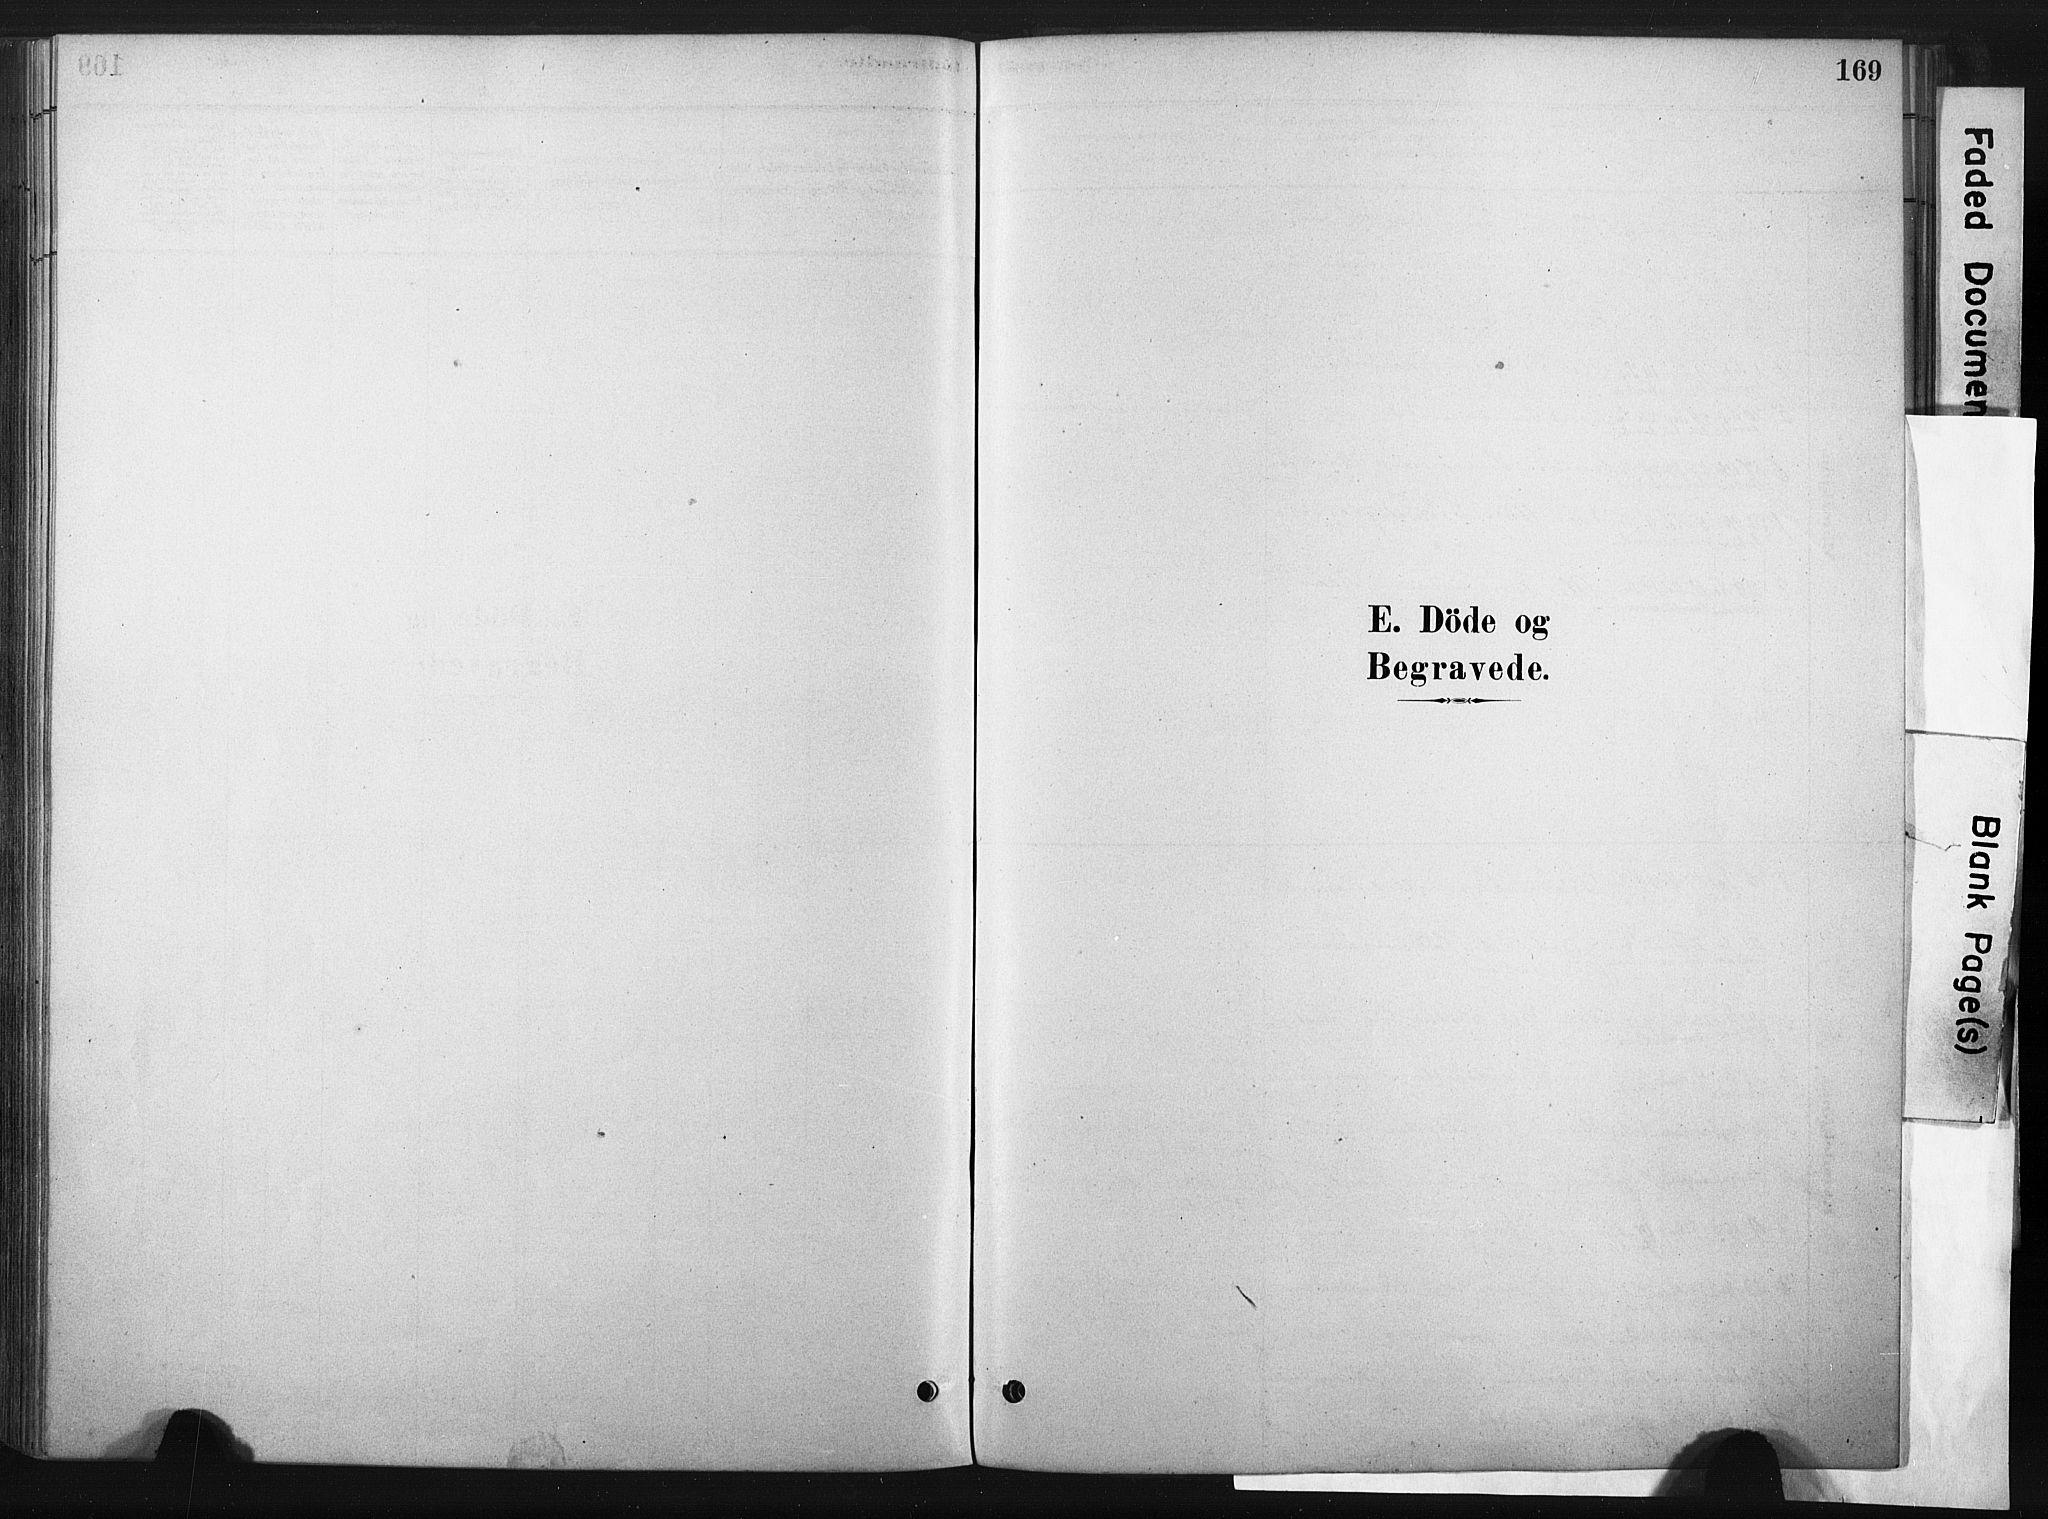 SAT, Ministerialprotokoller, klokkerbøker og fødselsregistre - Sør-Trøndelag, 667/L0795: Ministerialbok nr. 667A03, 1879-1907, s. 169